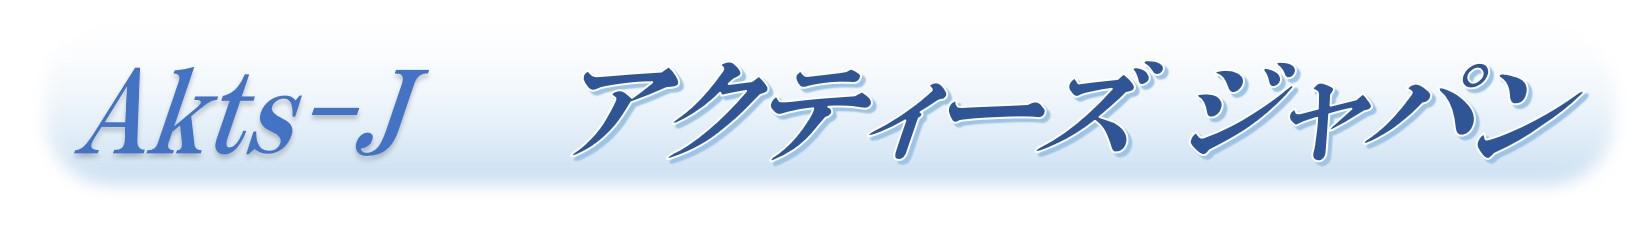 20年以上の倉庫現場経験者が伝える現場力アップ仕事術/アクティーズ ジャパン